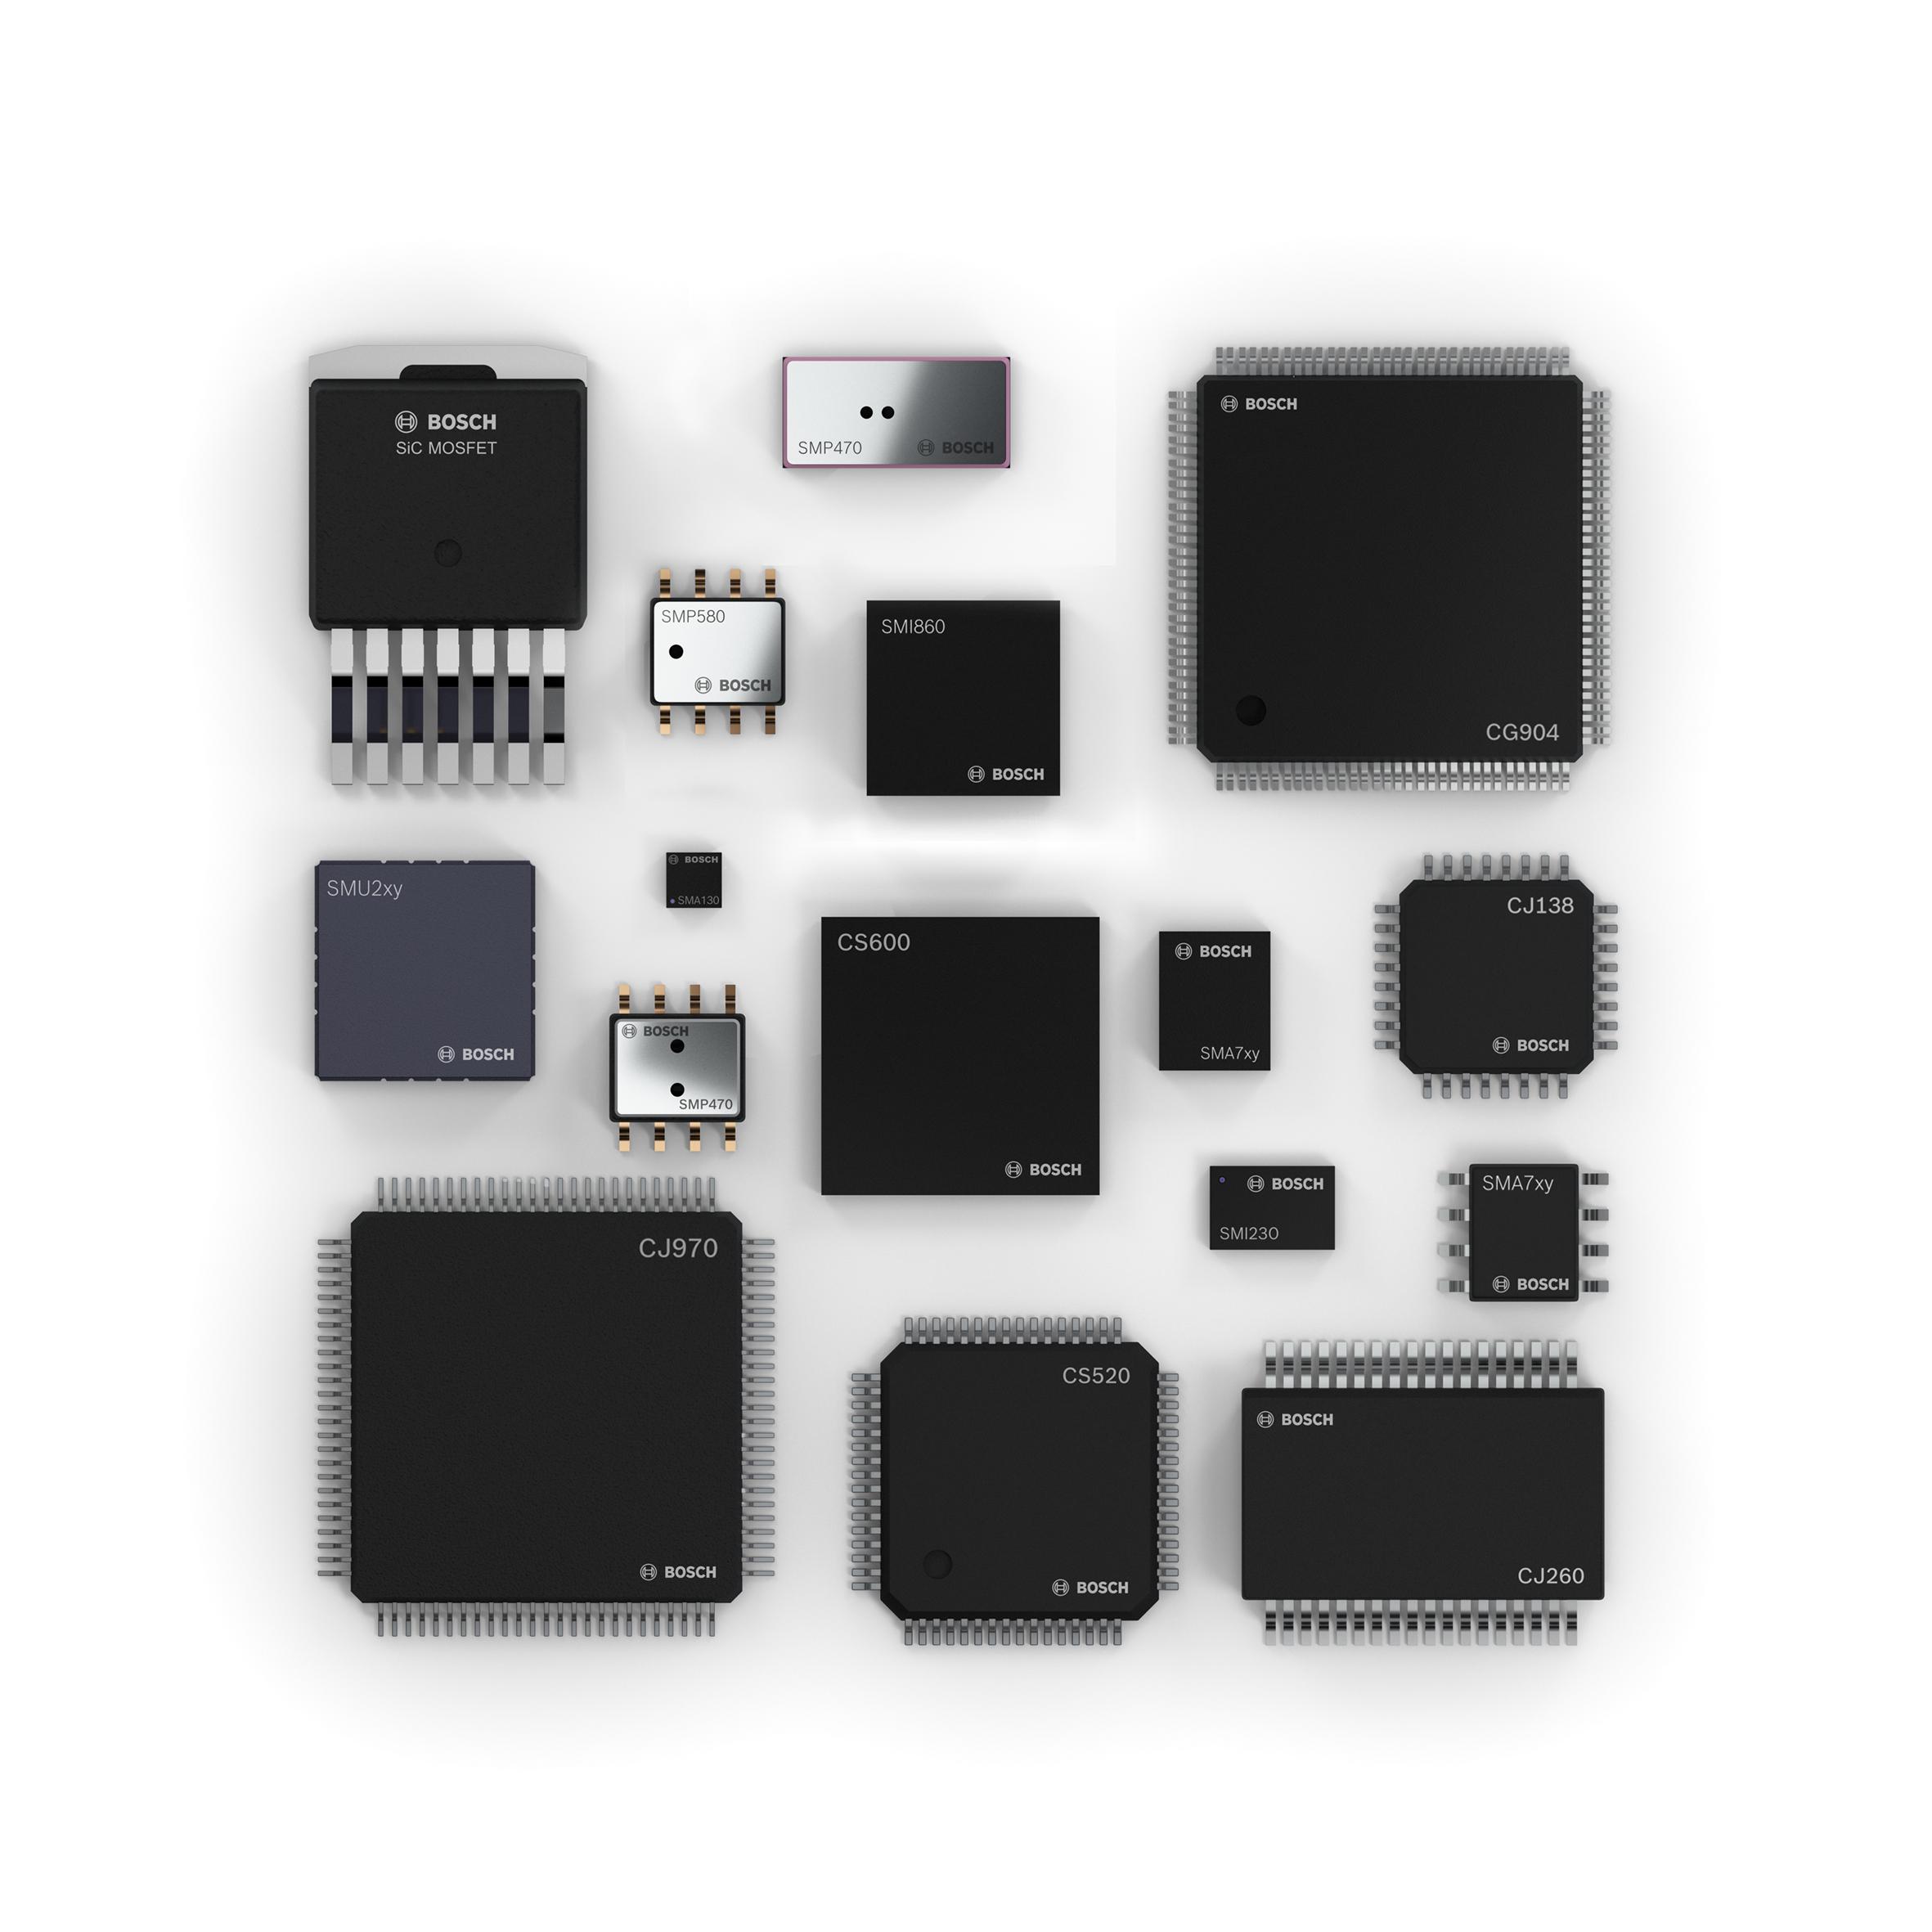 Halbleiterportfolio von Bosch